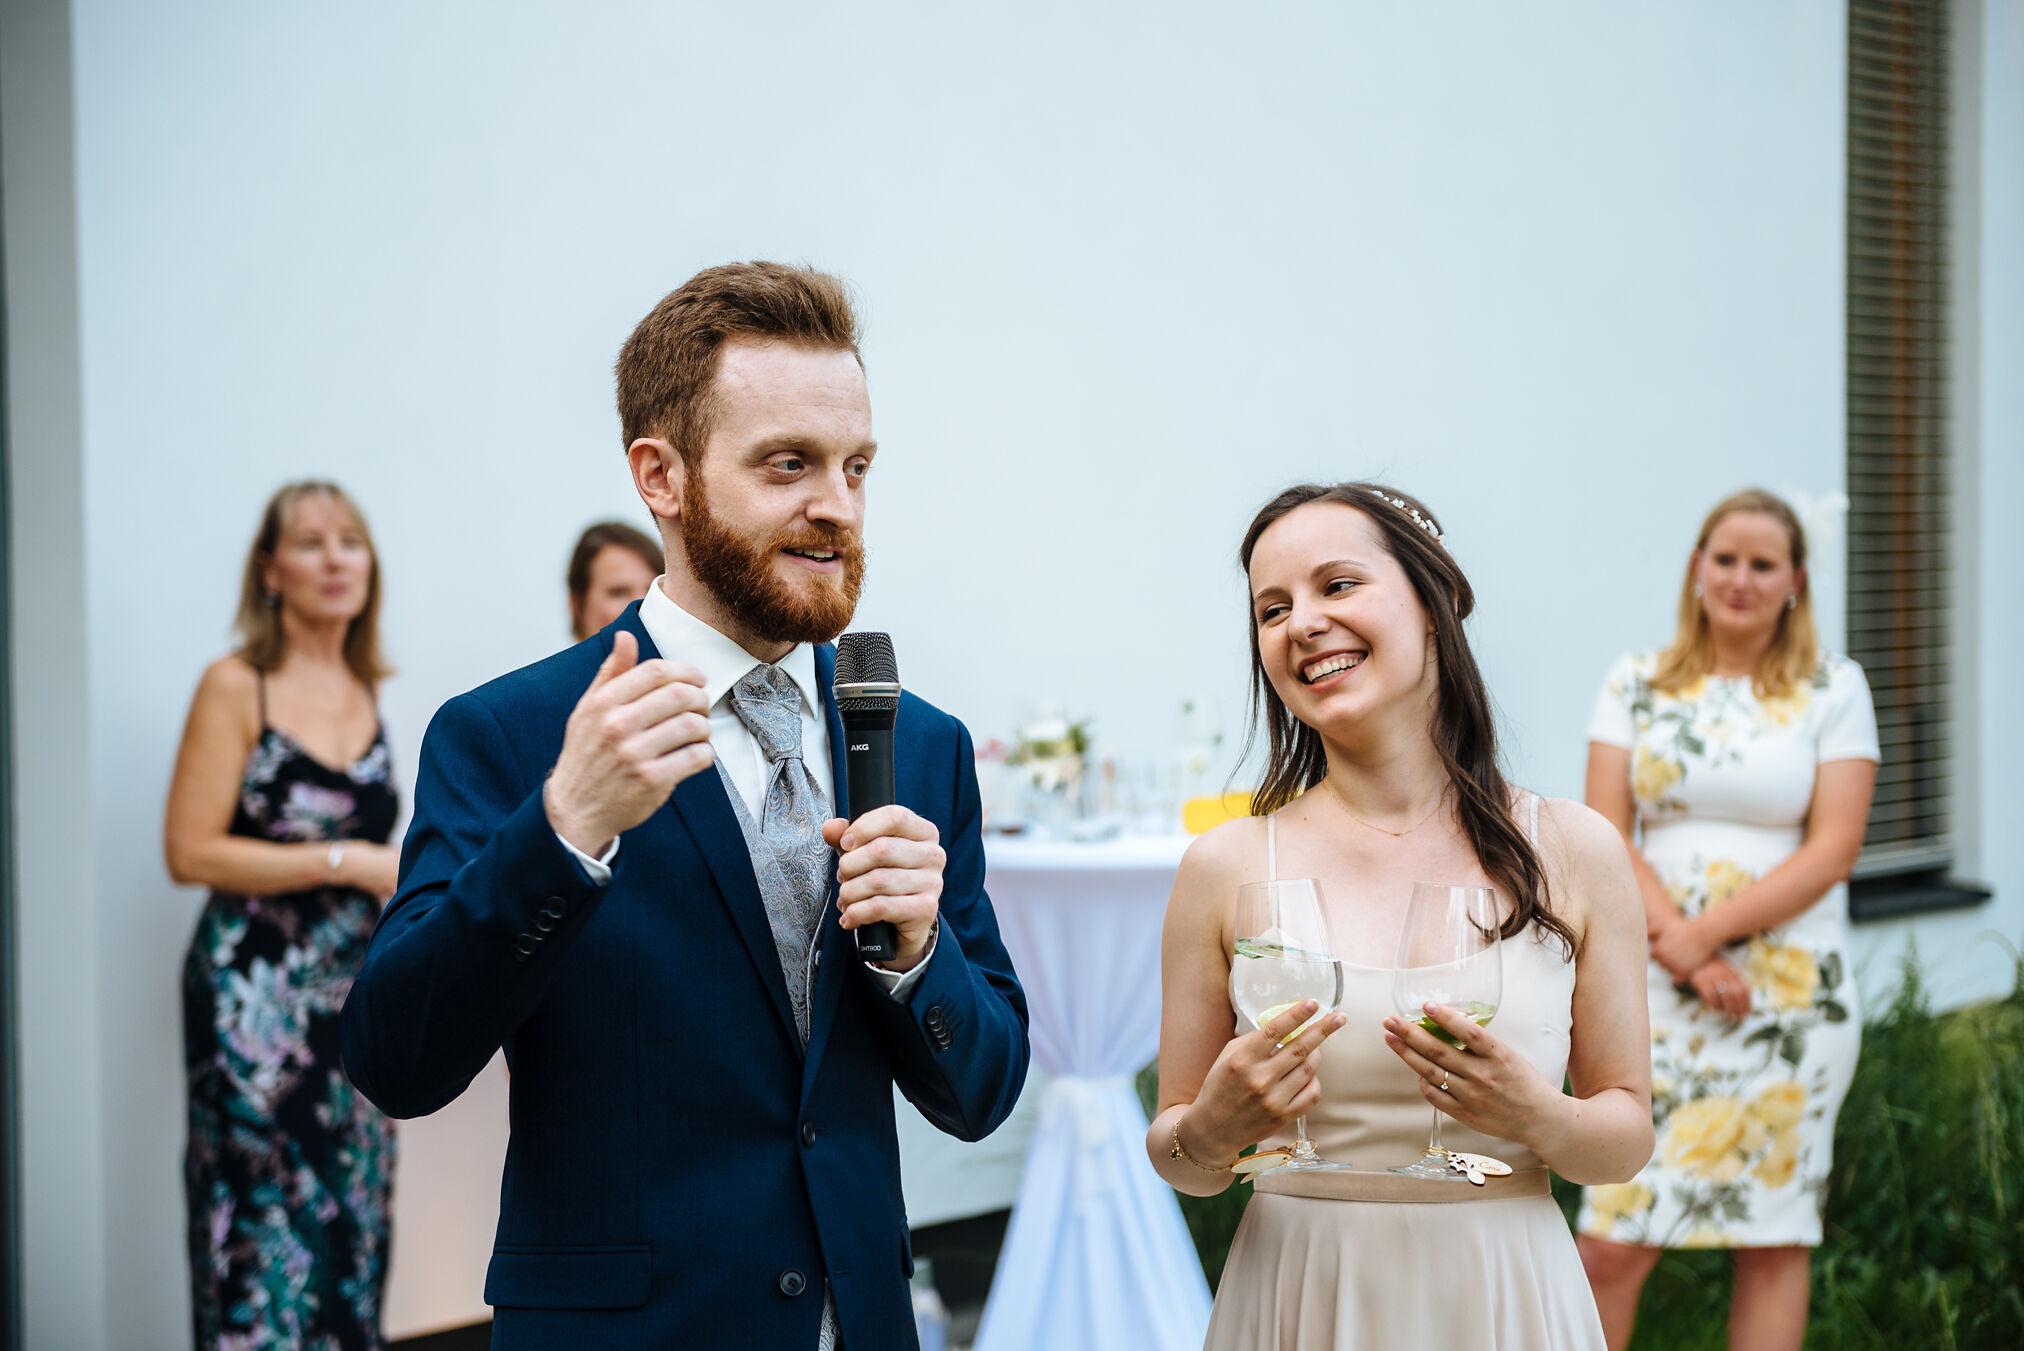 Hochzeit-Garten-Denoti-42.jpg